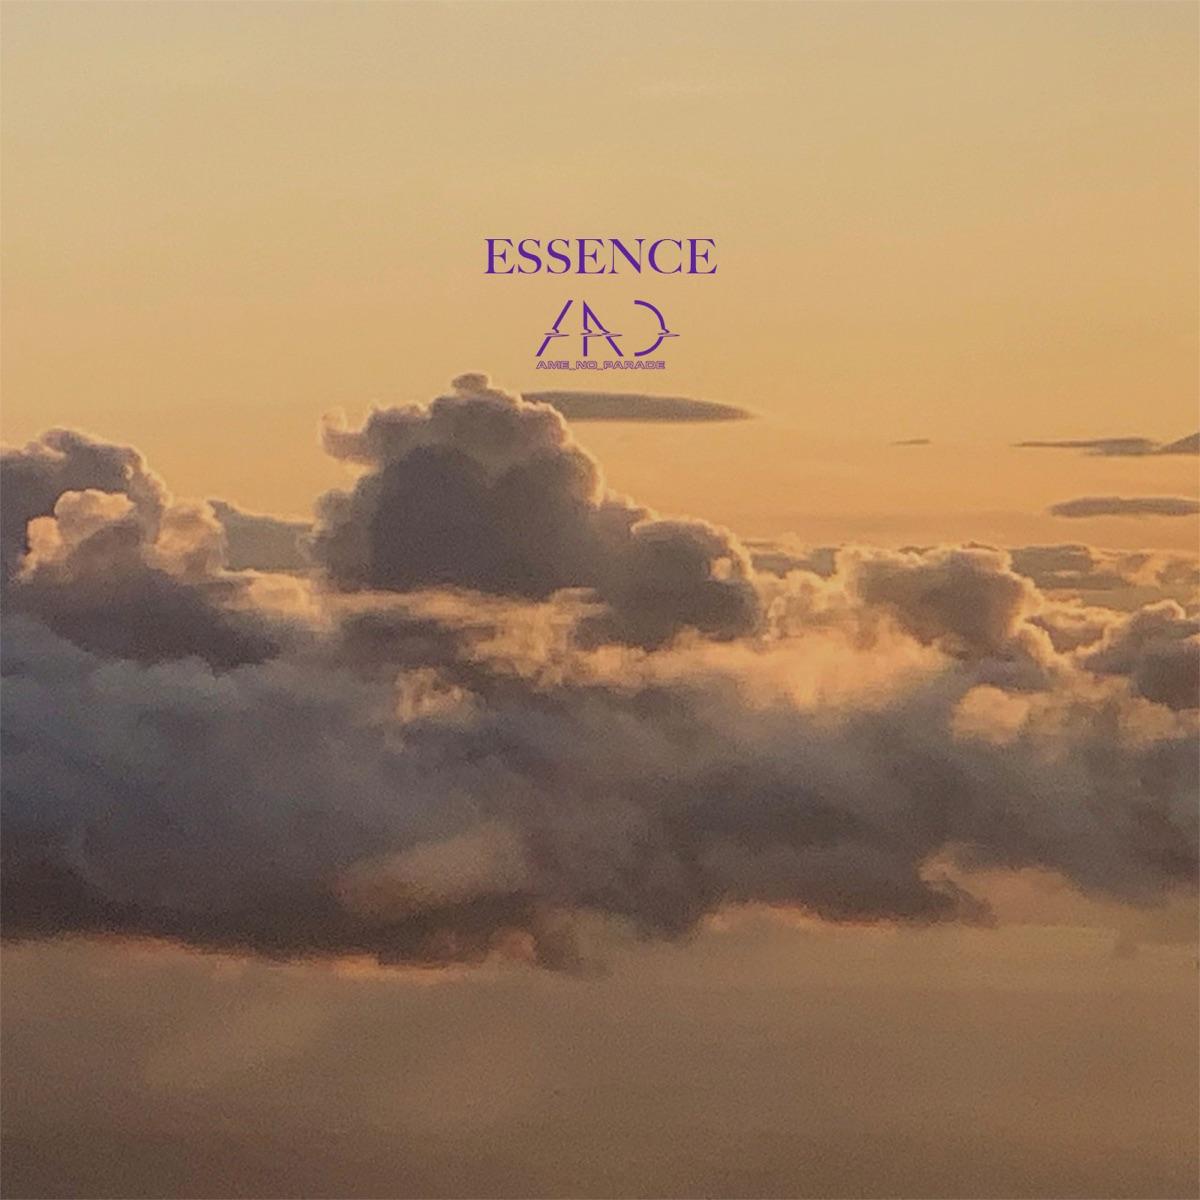 『雨のパレード - ESSENCE』収録の『ESSENCE』ジャケット